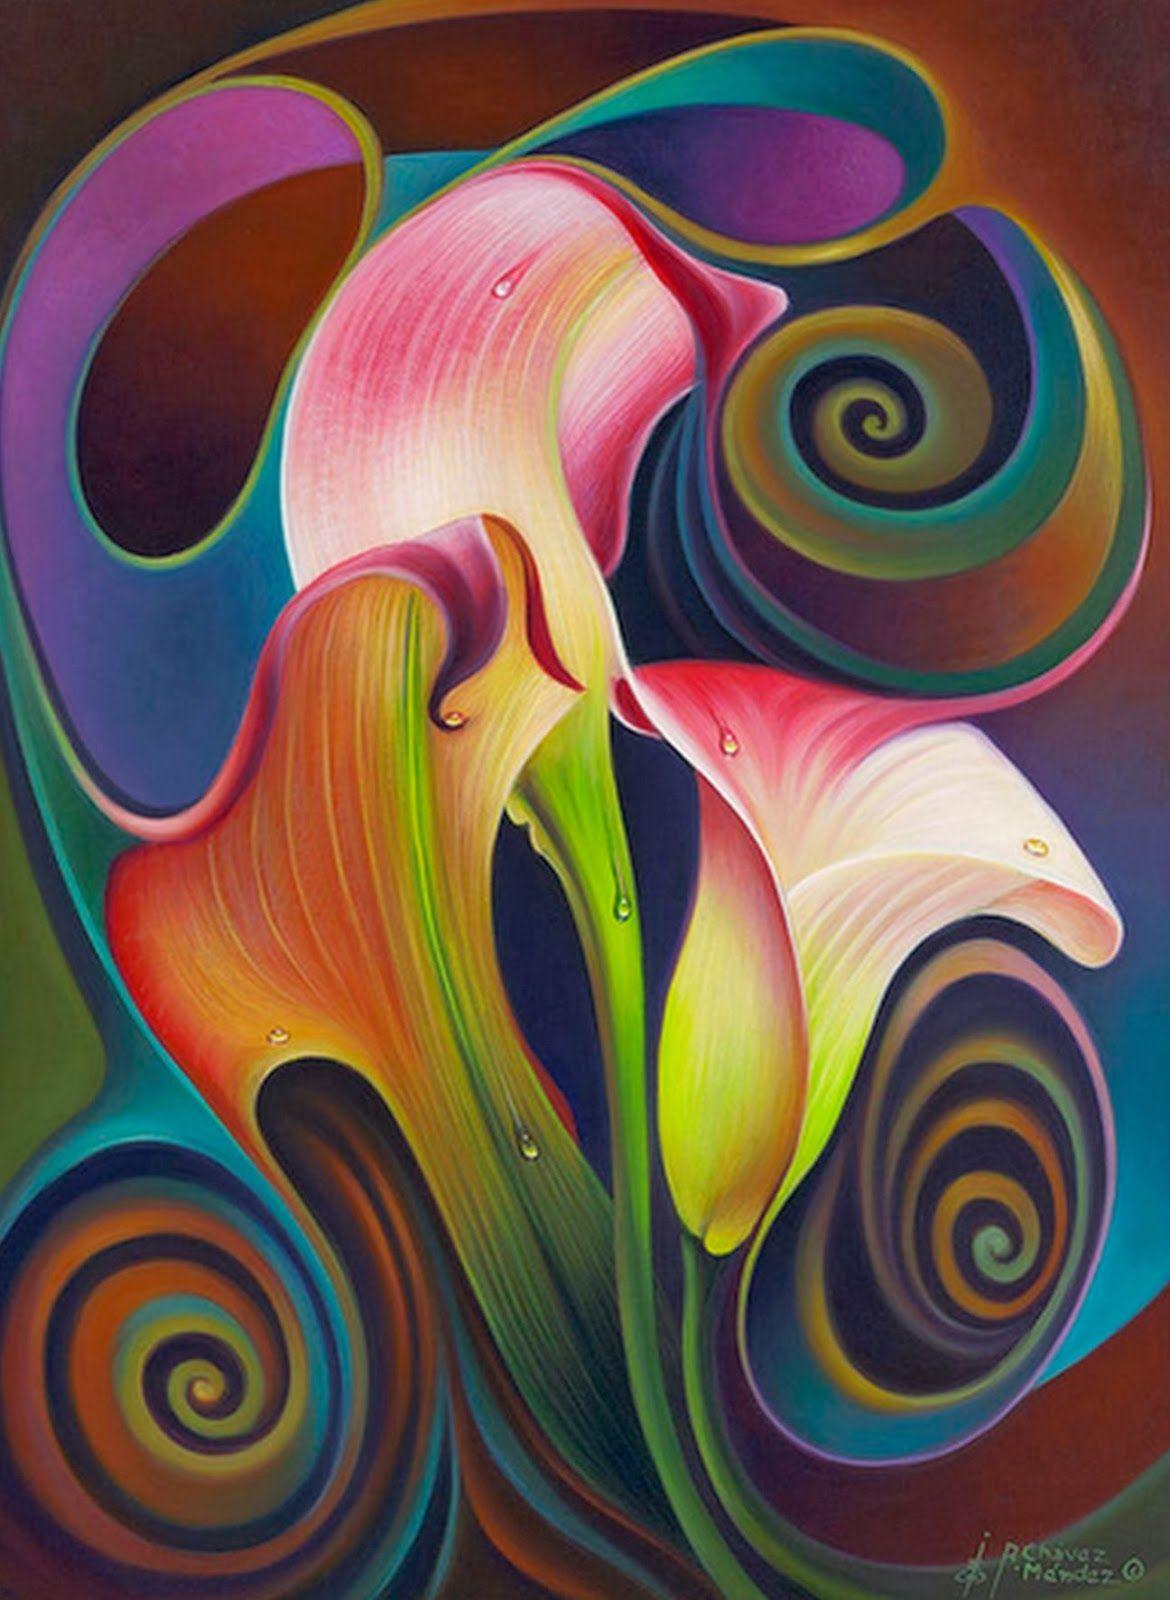 Pinturas oleo abstractos modernos portraits pinterest abstracto moderno y pinturas - Fotos cuadros abstractos ...